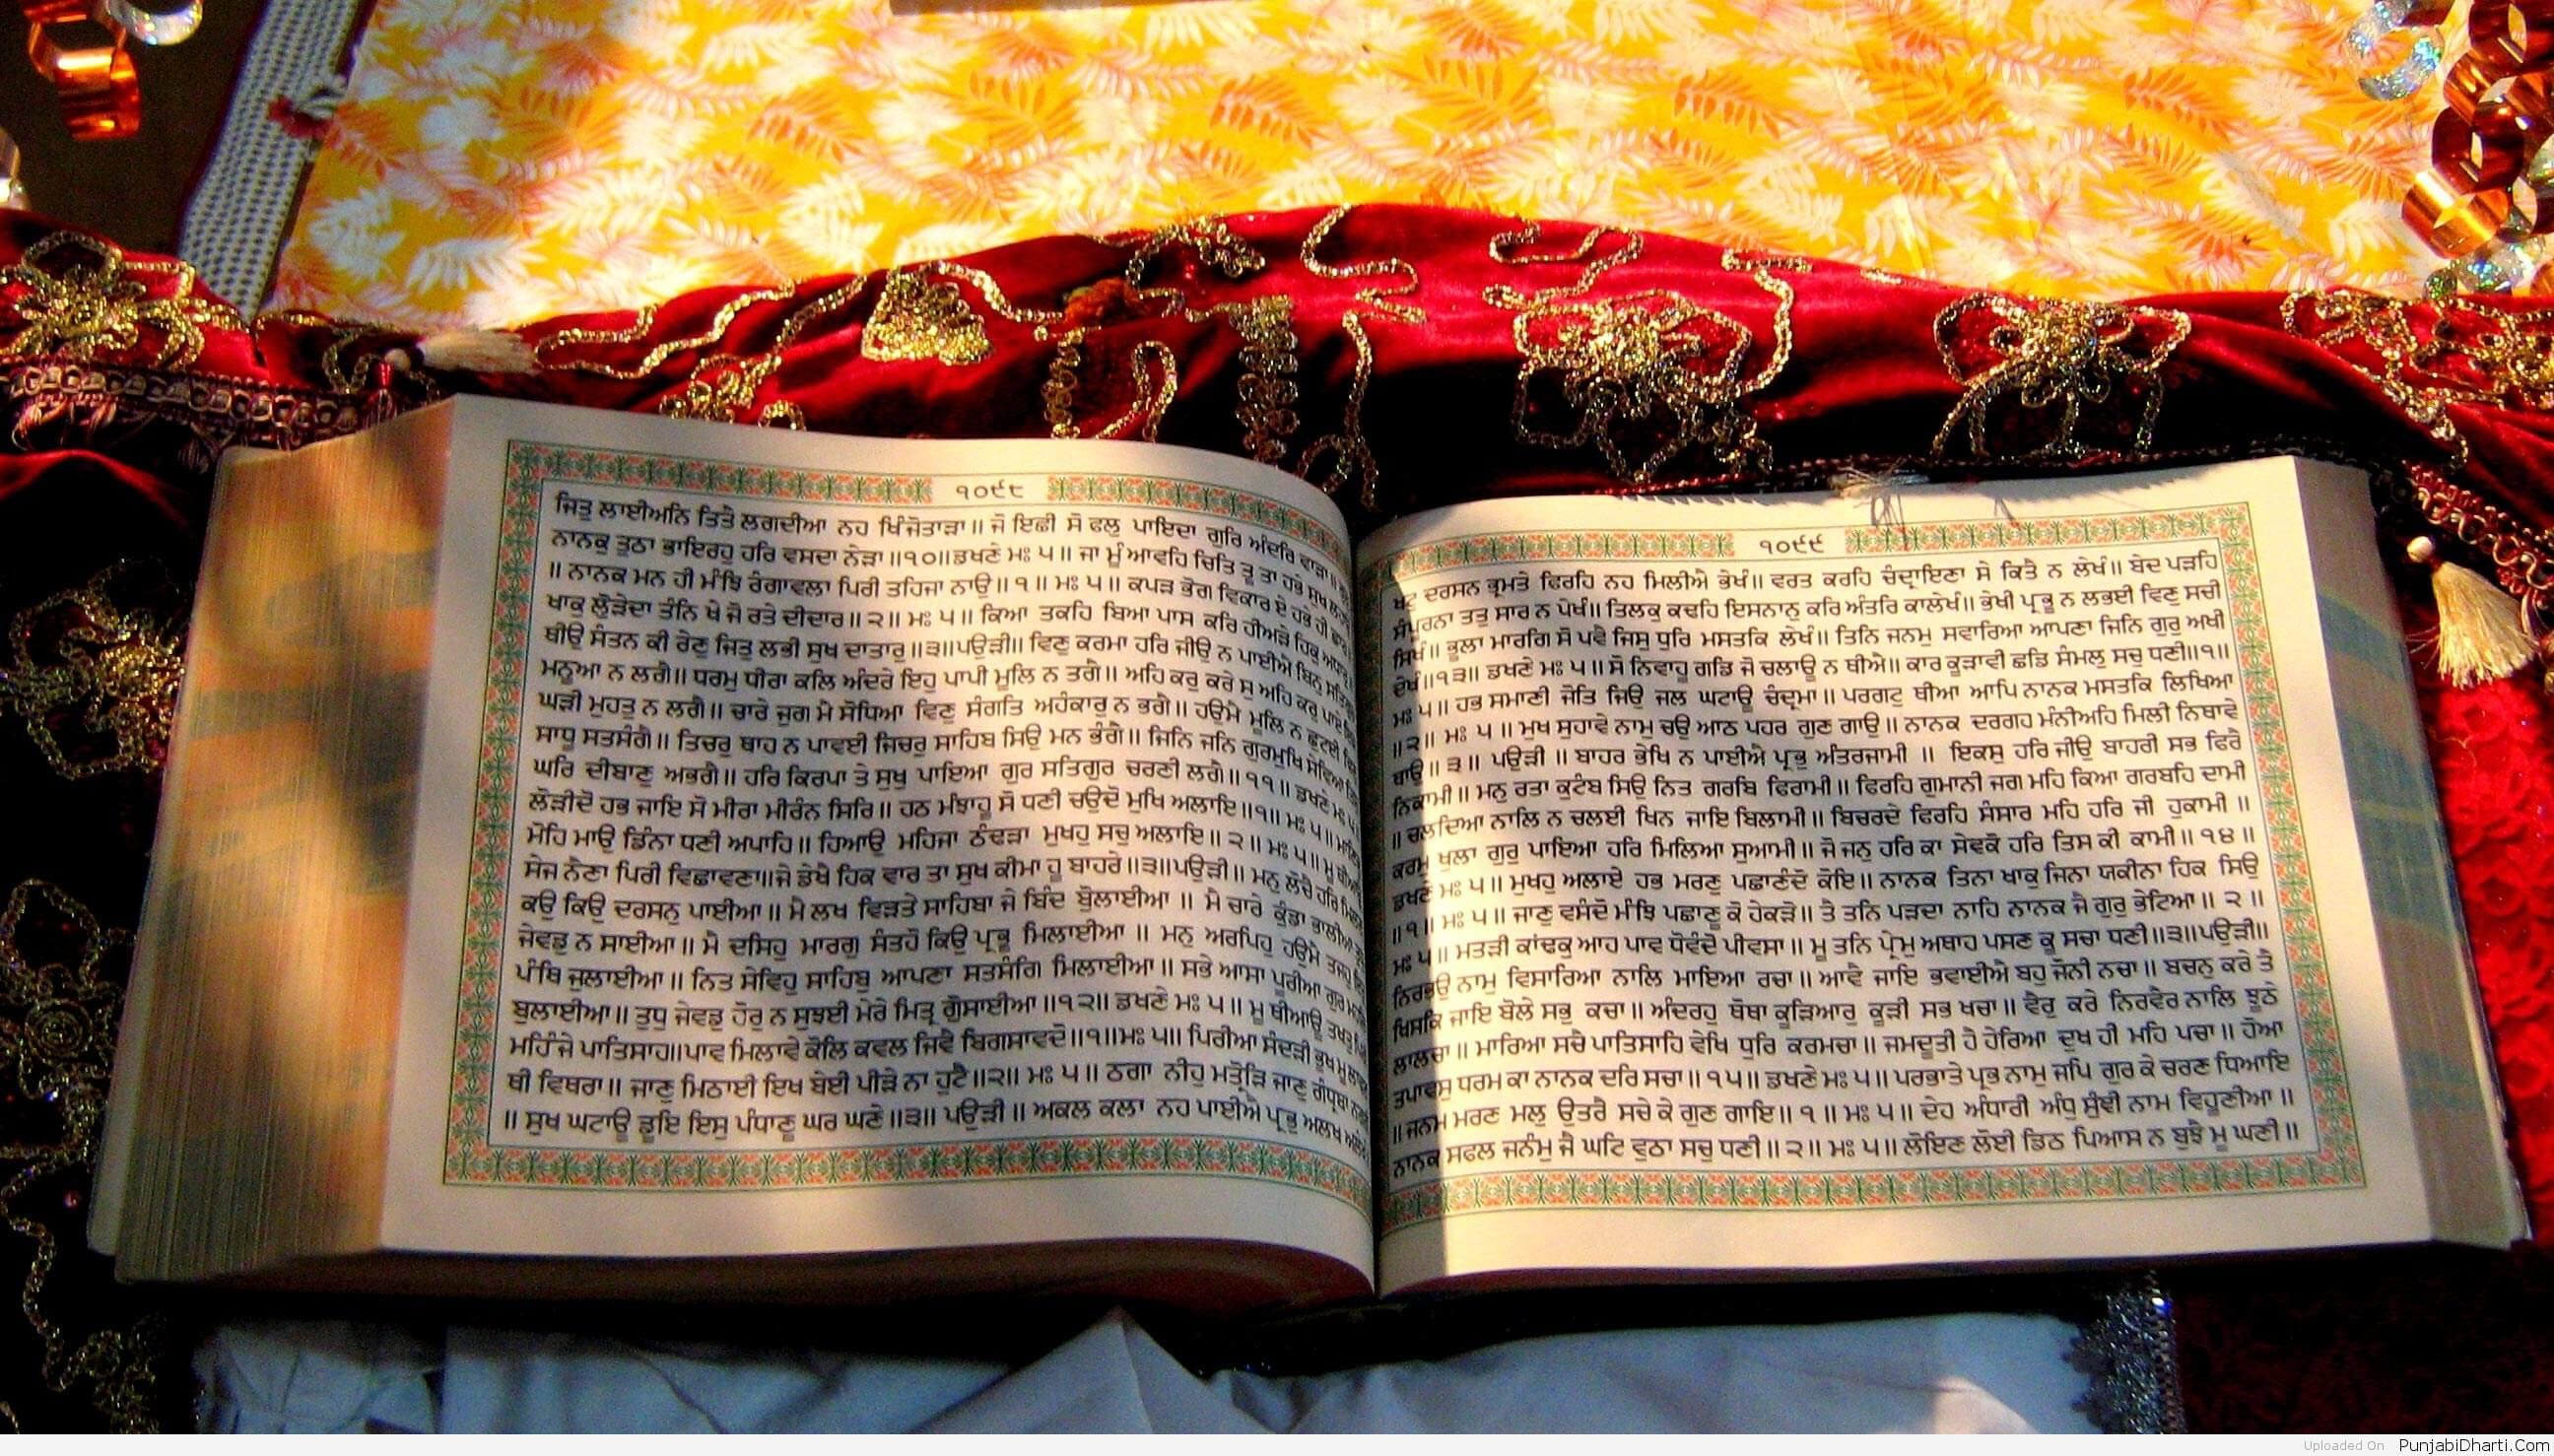 Shri Guru Granth Sahib Ji Punjabidharticom